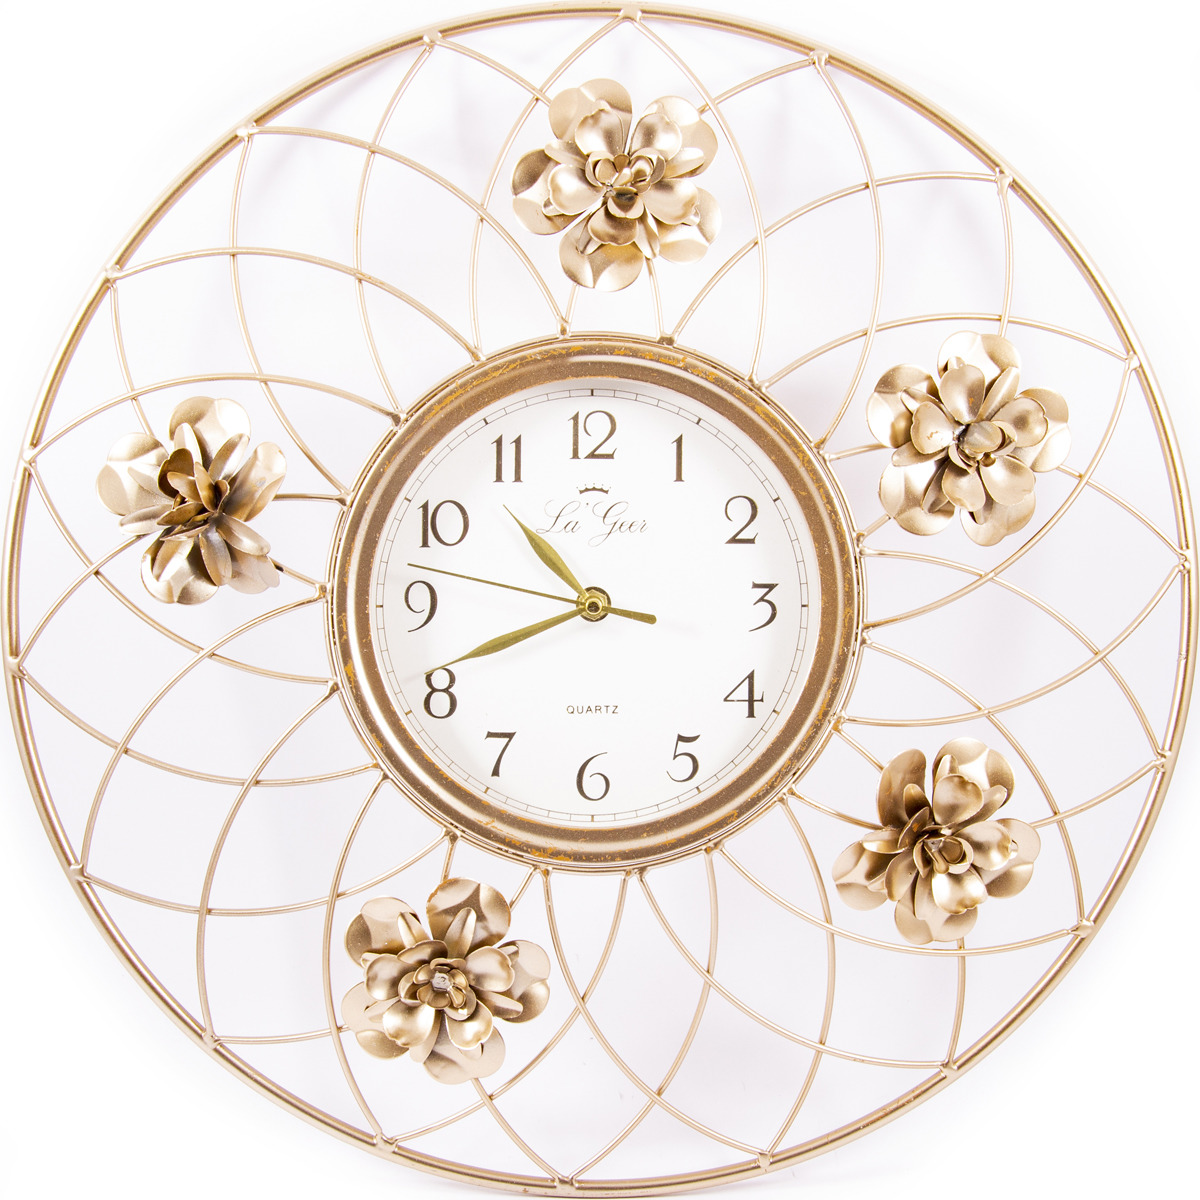 Часы настенные La Geer, 60803, разноцветный, 46 х 5 х 46 см все цены